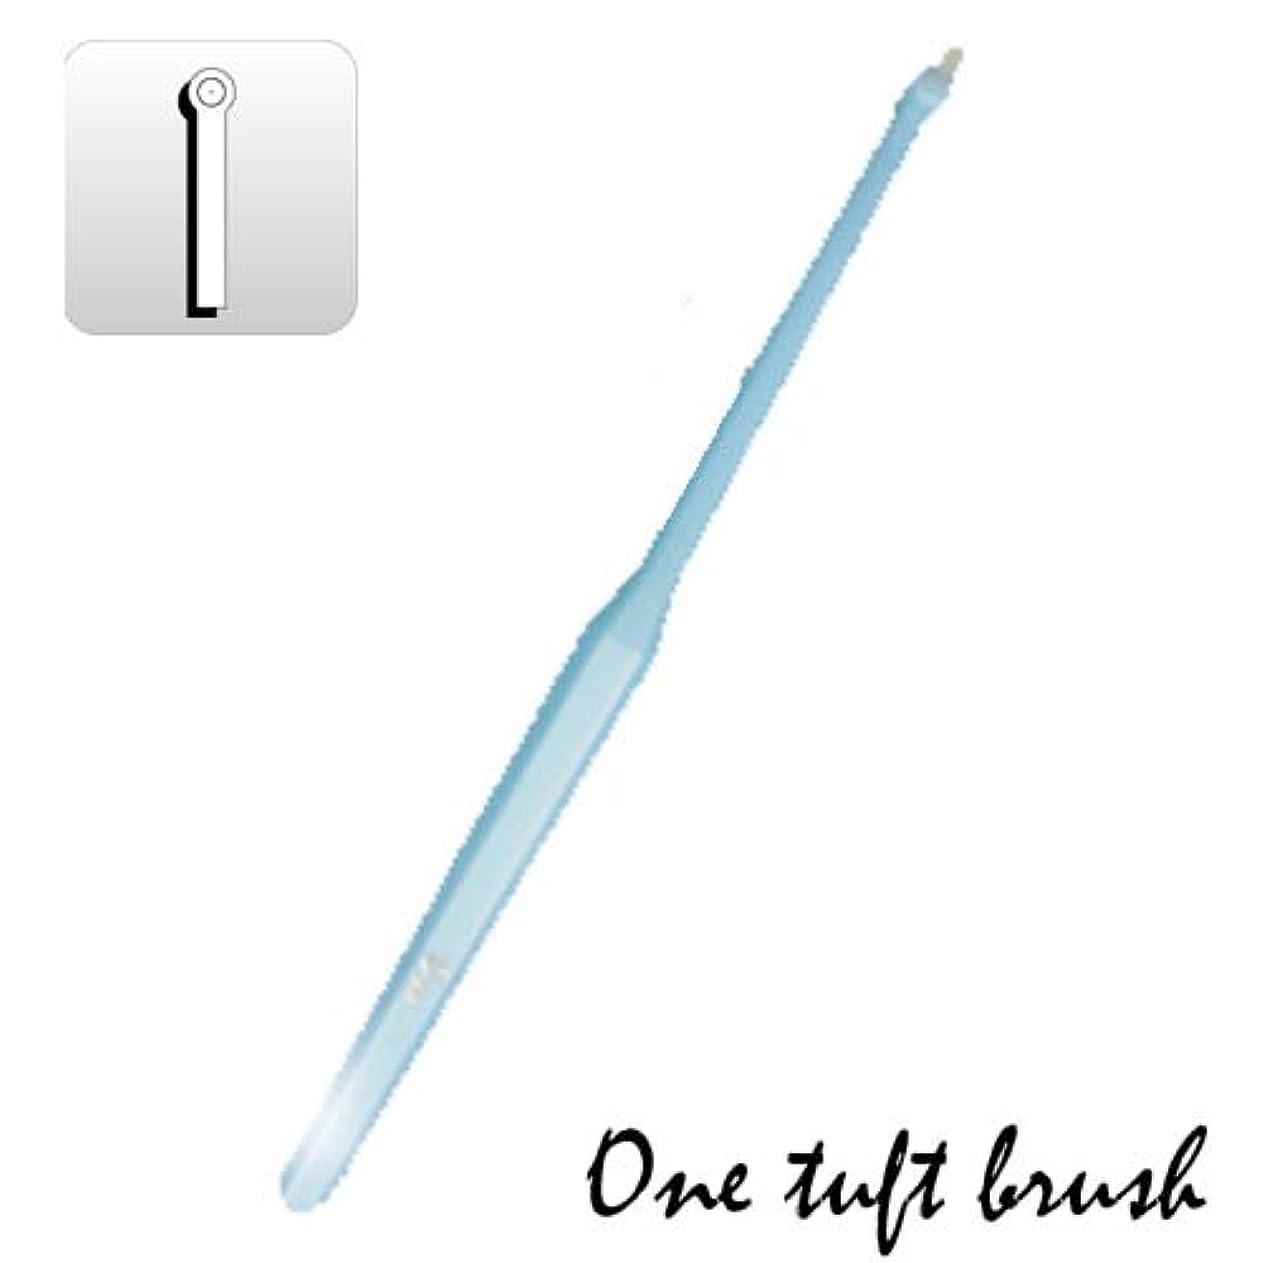 永久に神経衰弱理由歯科用 磨きにくい部位までしっかり すっきり 【 One ワンタフト ブルー 6本セット】 歯ブラシ